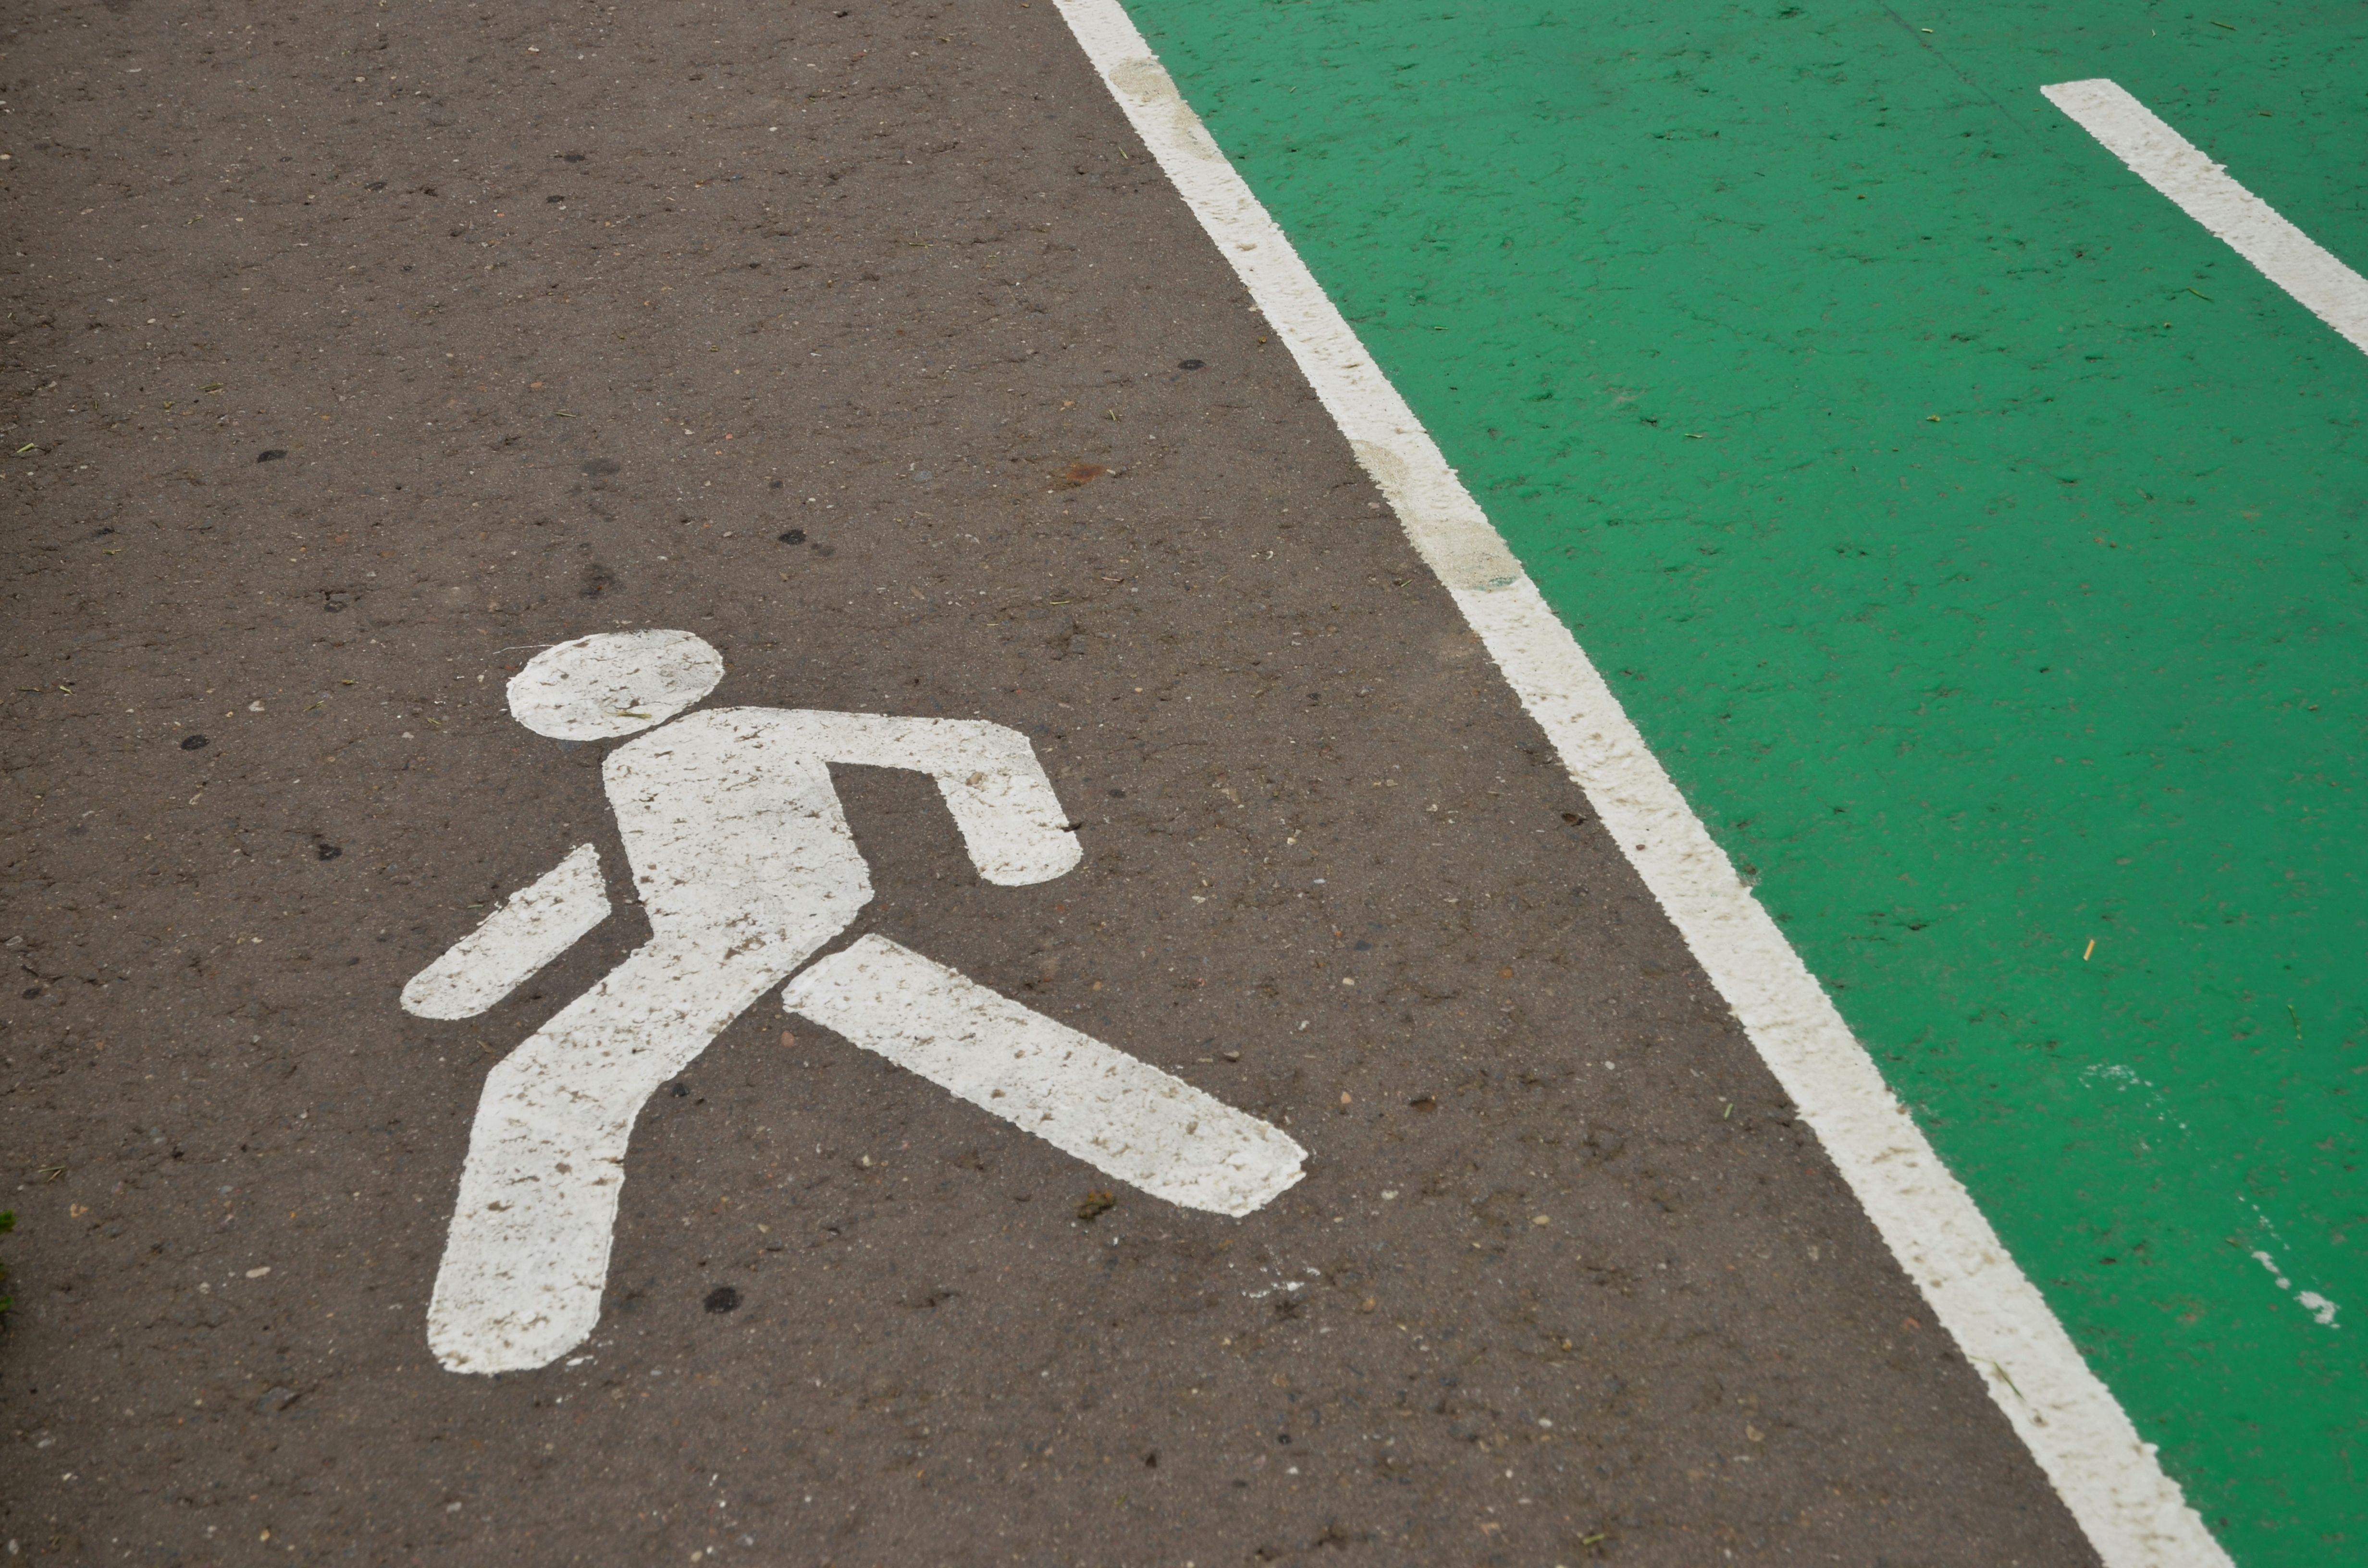 Специалисты выполнят устройство пешеходной зоны в Щаповском. Фото: Анна Быкова